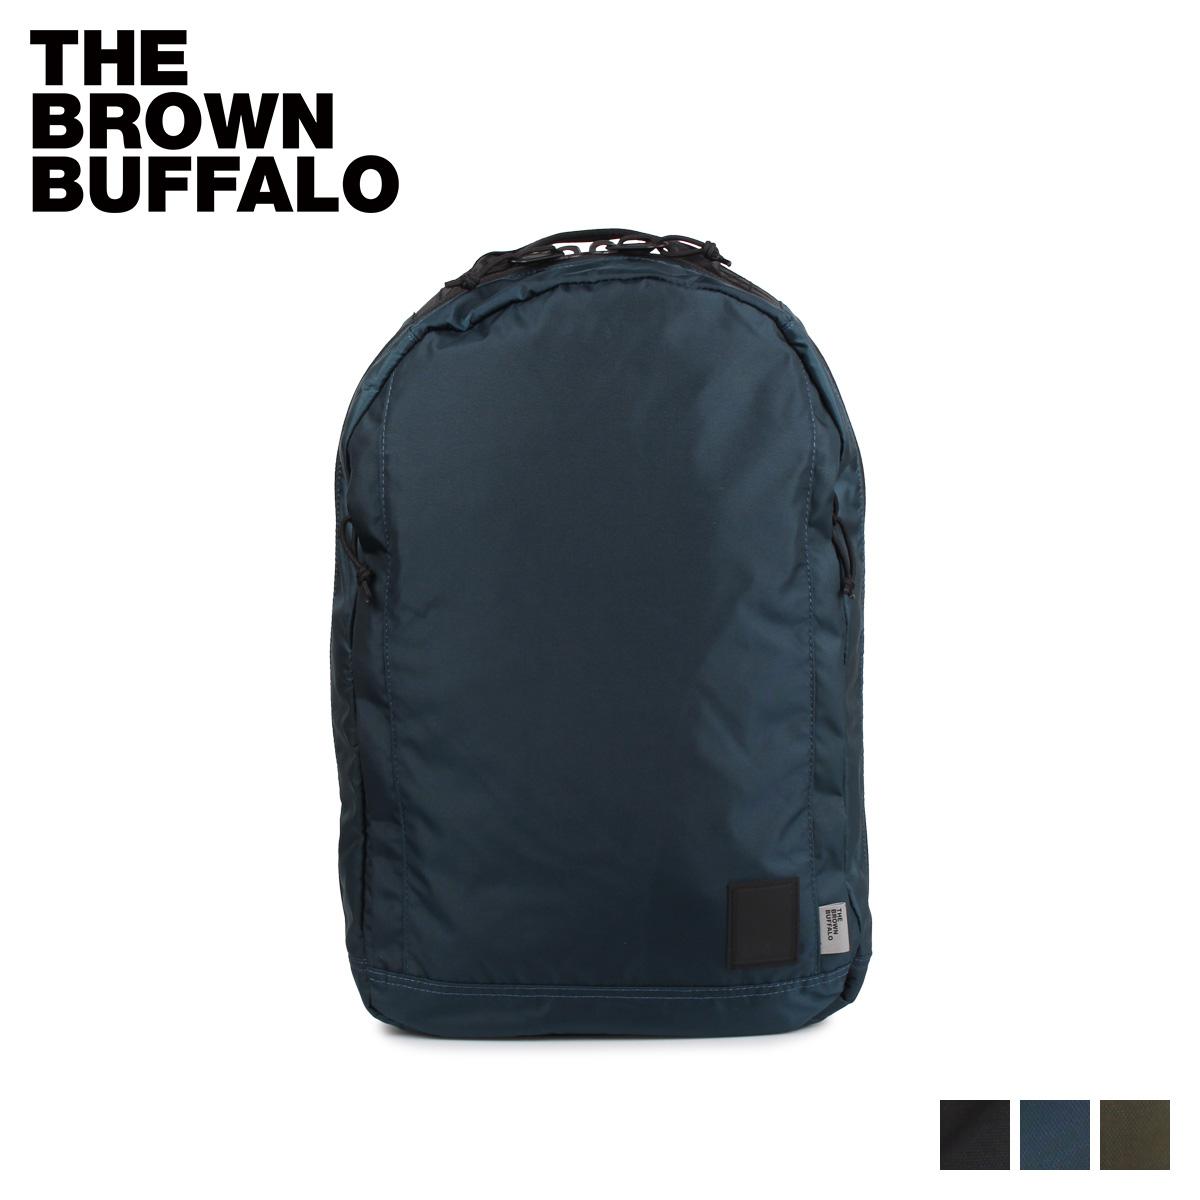 ザブラウンバッファロー THE BROWN BUFFALO リュック バックパック メンズ レディース CONCEAL BACKPACK ブラック ベージュ ネイビー オリーブ 黒 F18CP420D [5/4 追加入荷]